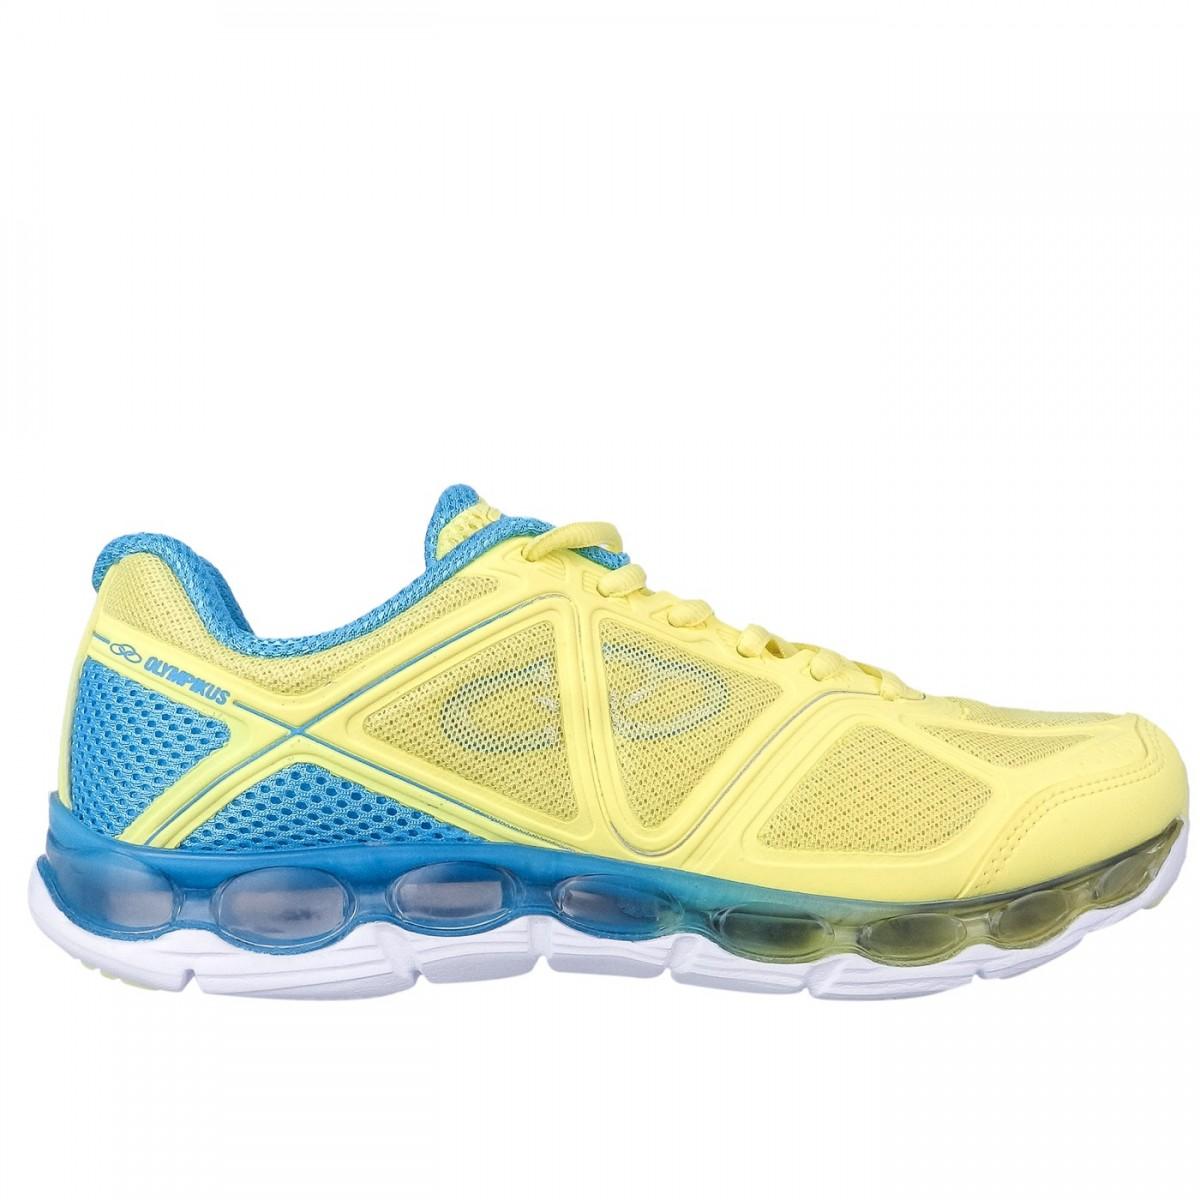 Bizz Store - Tênis Feminino Olympikus Oxide Amarelo Esportivo f56a0ec7ab21b